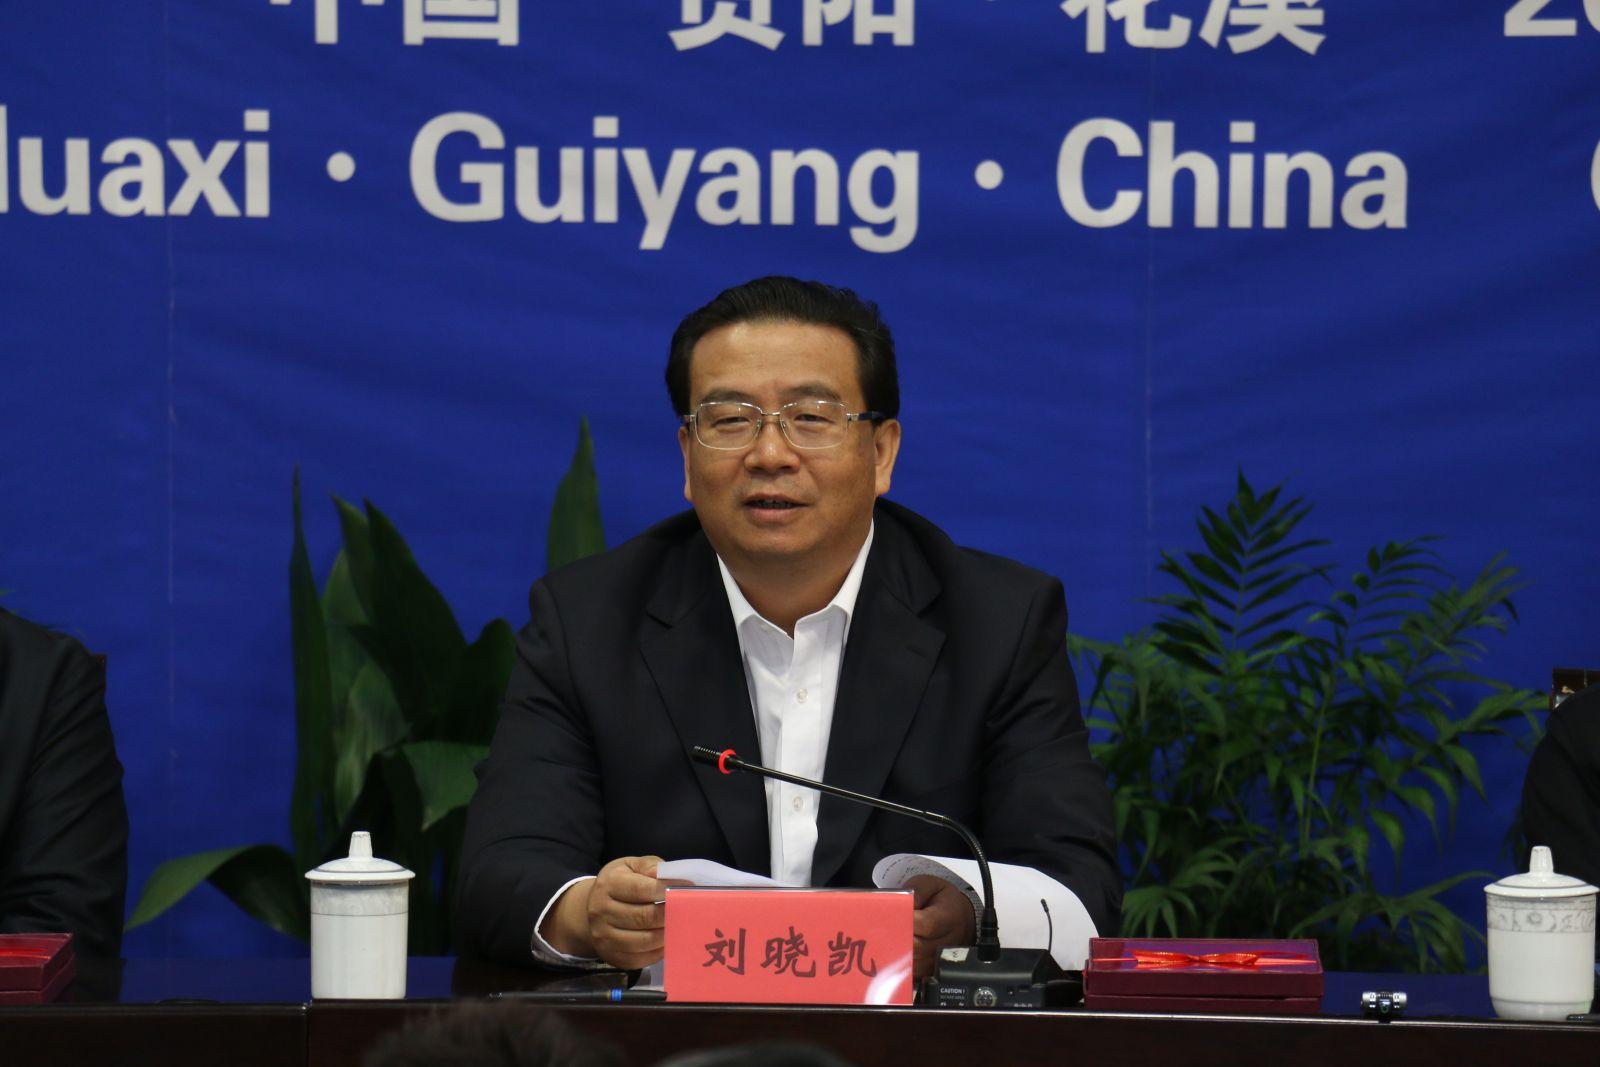 贵州省委常委、统战部长刘晓凯出席闭幕式并讲话